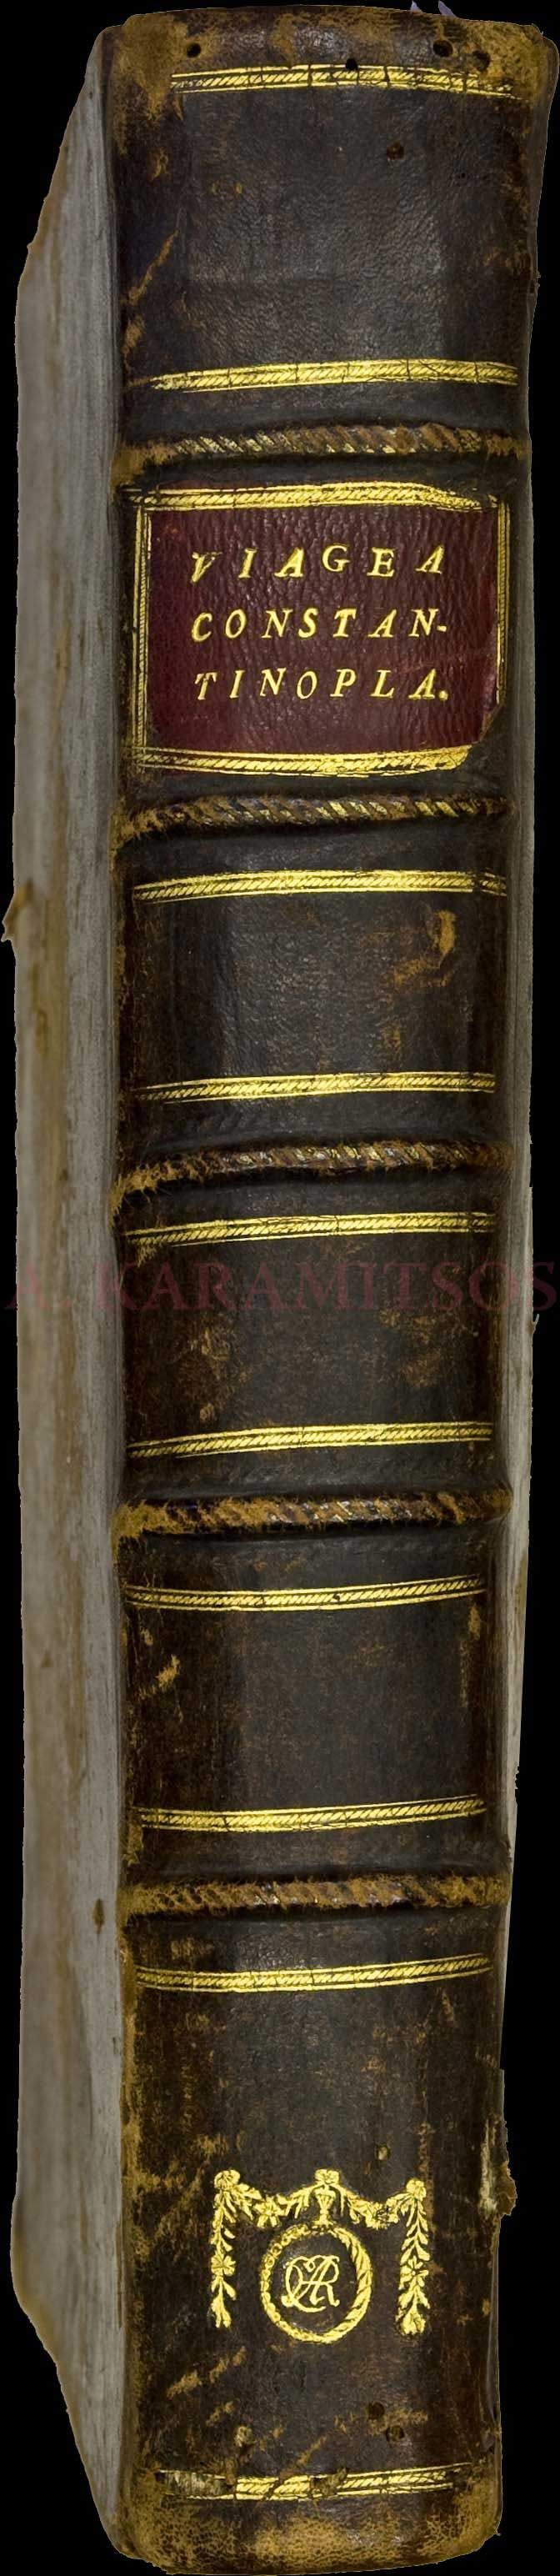 """Moreno Jose, """"Viage a Constantinopla en el ano de 1784"""", Madrid, Imprenta Real 1790. First edition, Folio (30x22cm), pp.[18],360,xxxiii."""